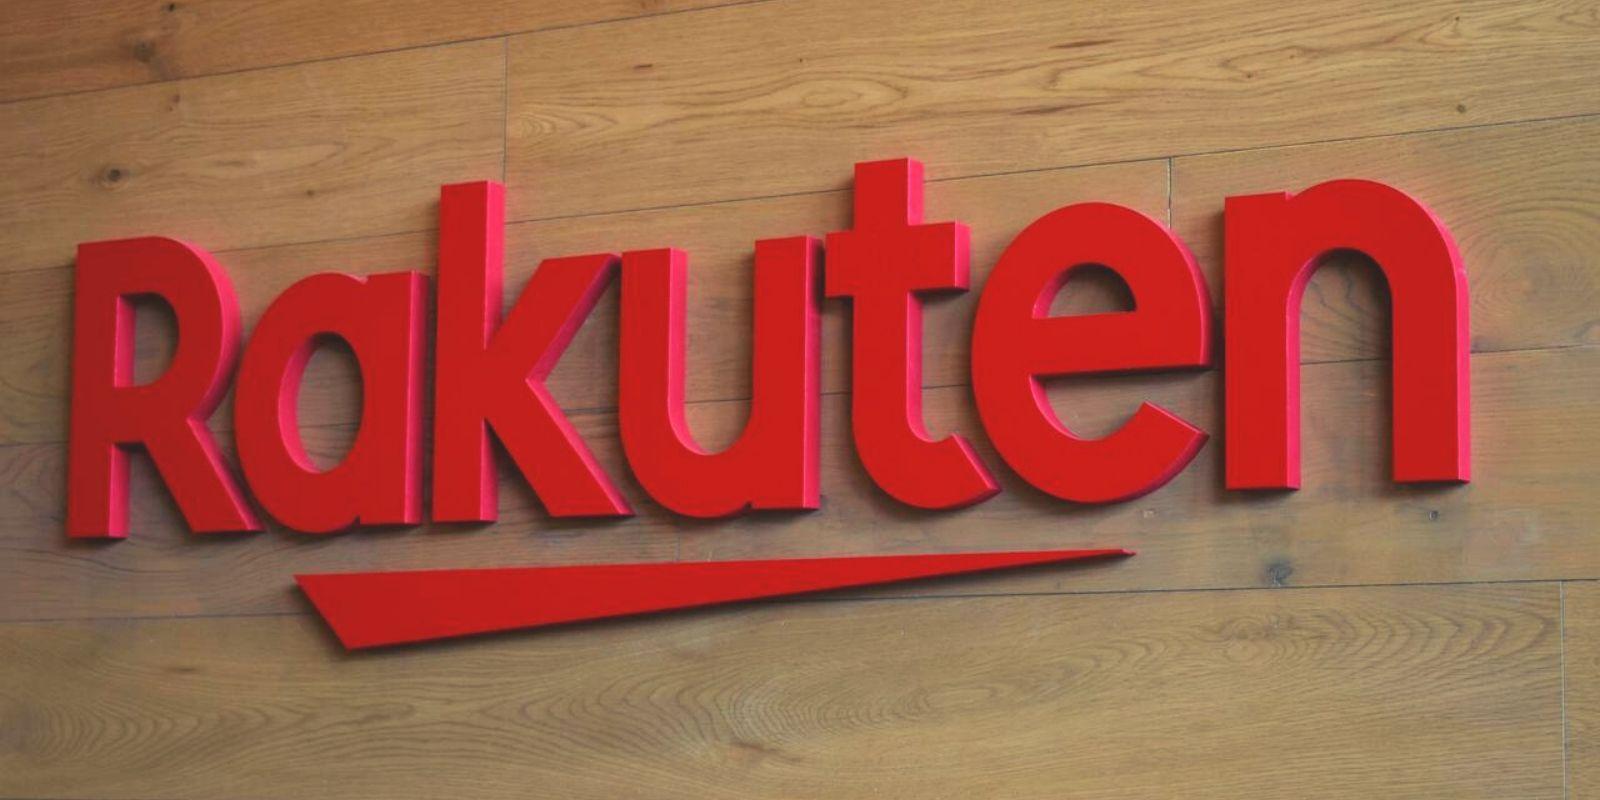 भाइबरको मुख्य कम्पनी राकुटेनको कार्यालयमा छापा, कम्पनीको फ्रि सिपिङ्ग योजनामा उजुरी